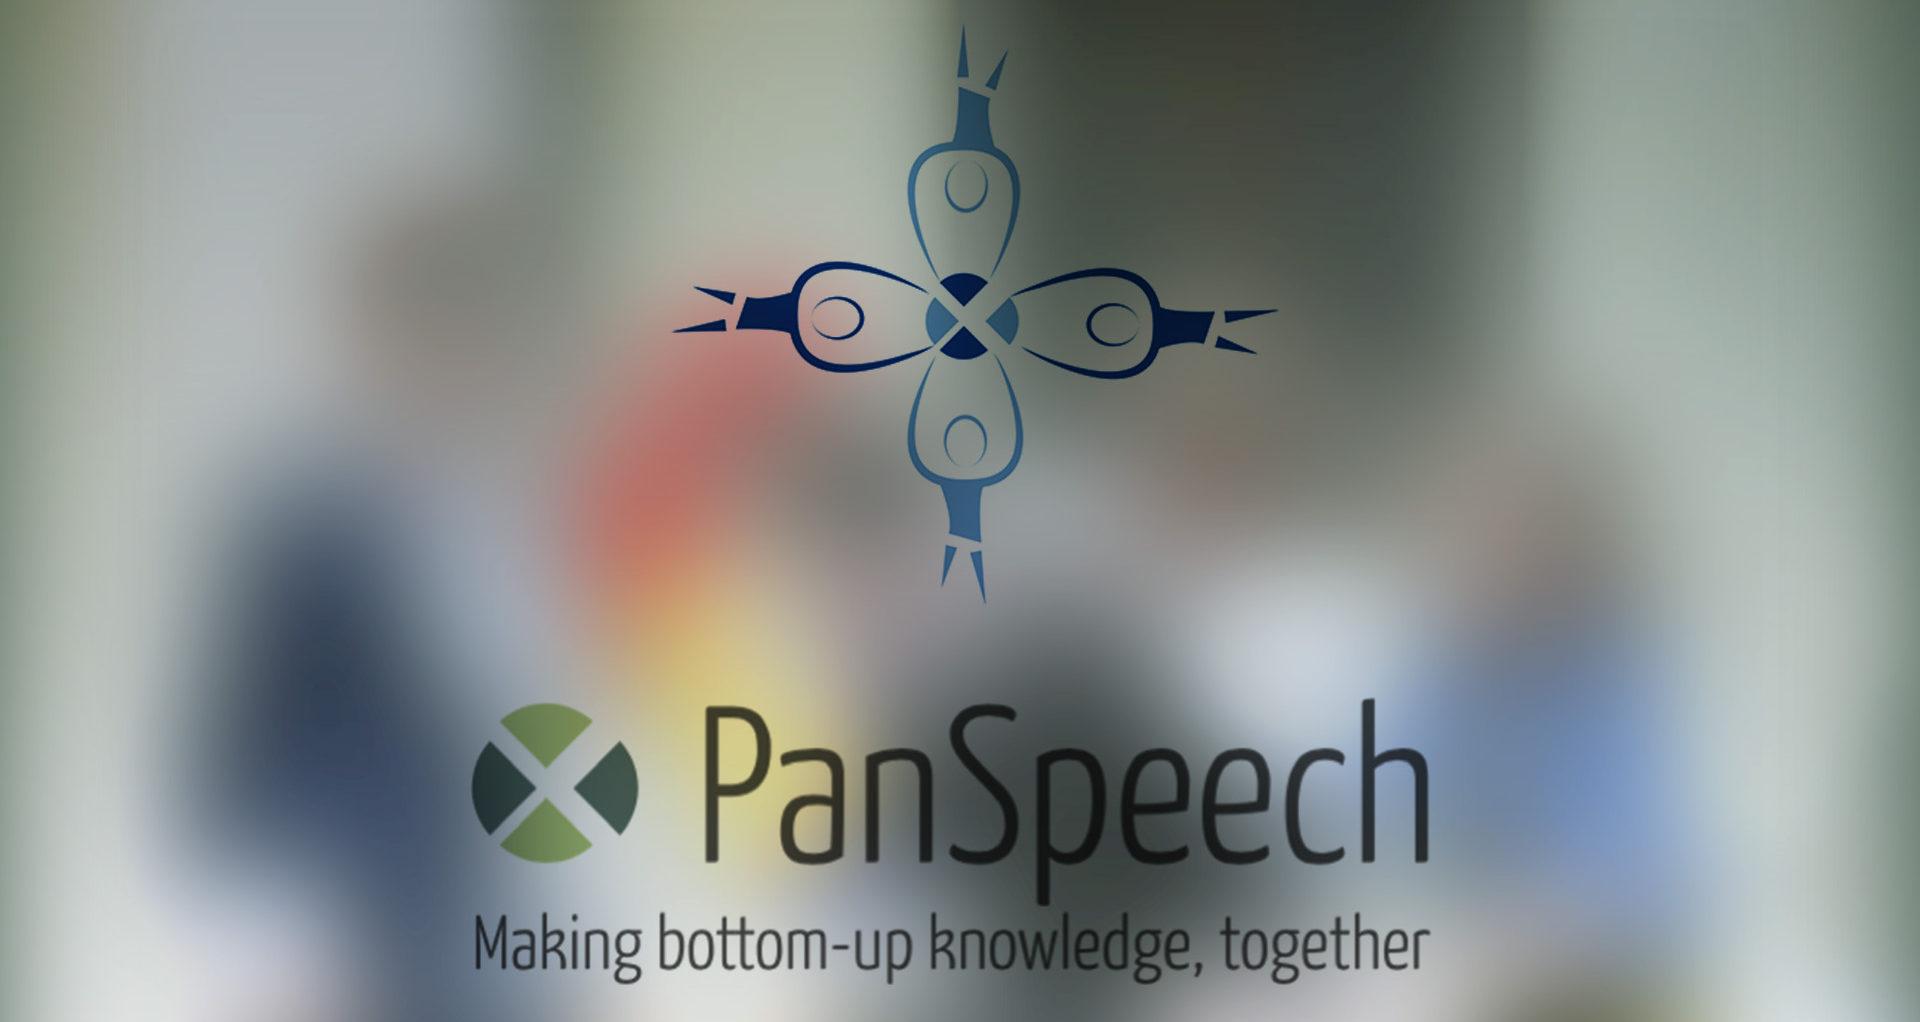 PanSpeech